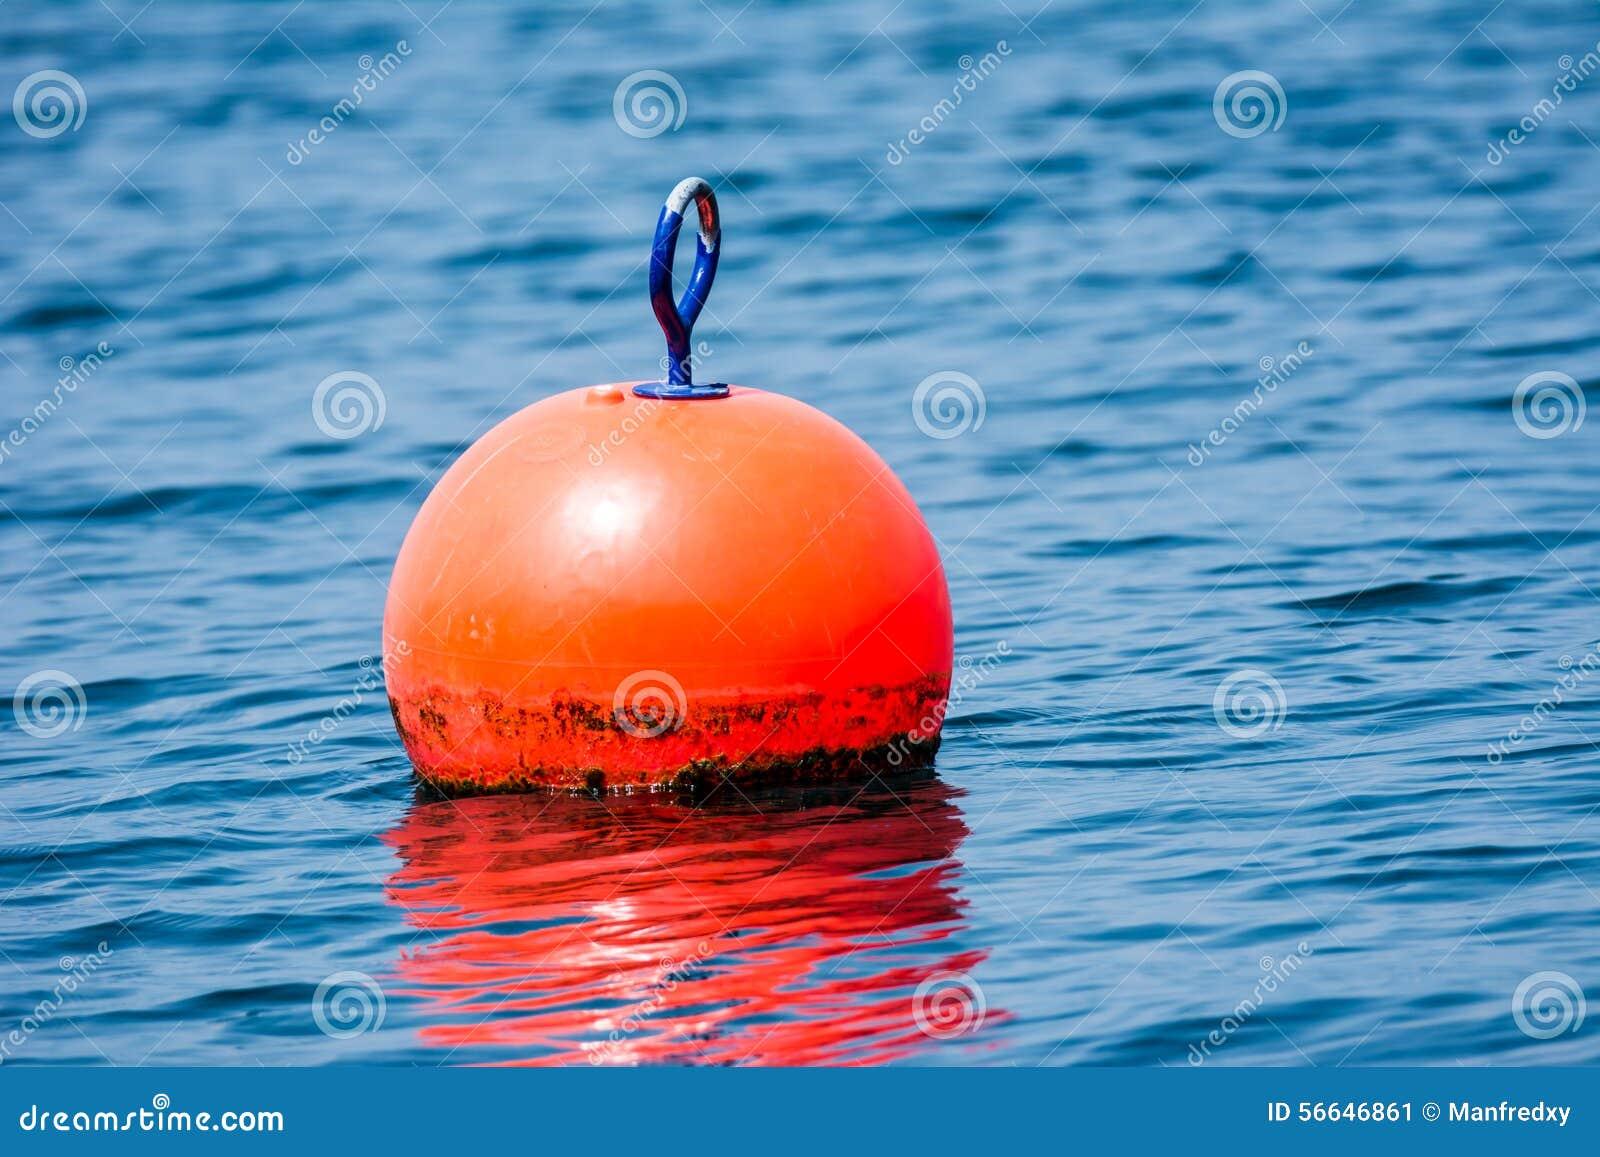 Orange buoy